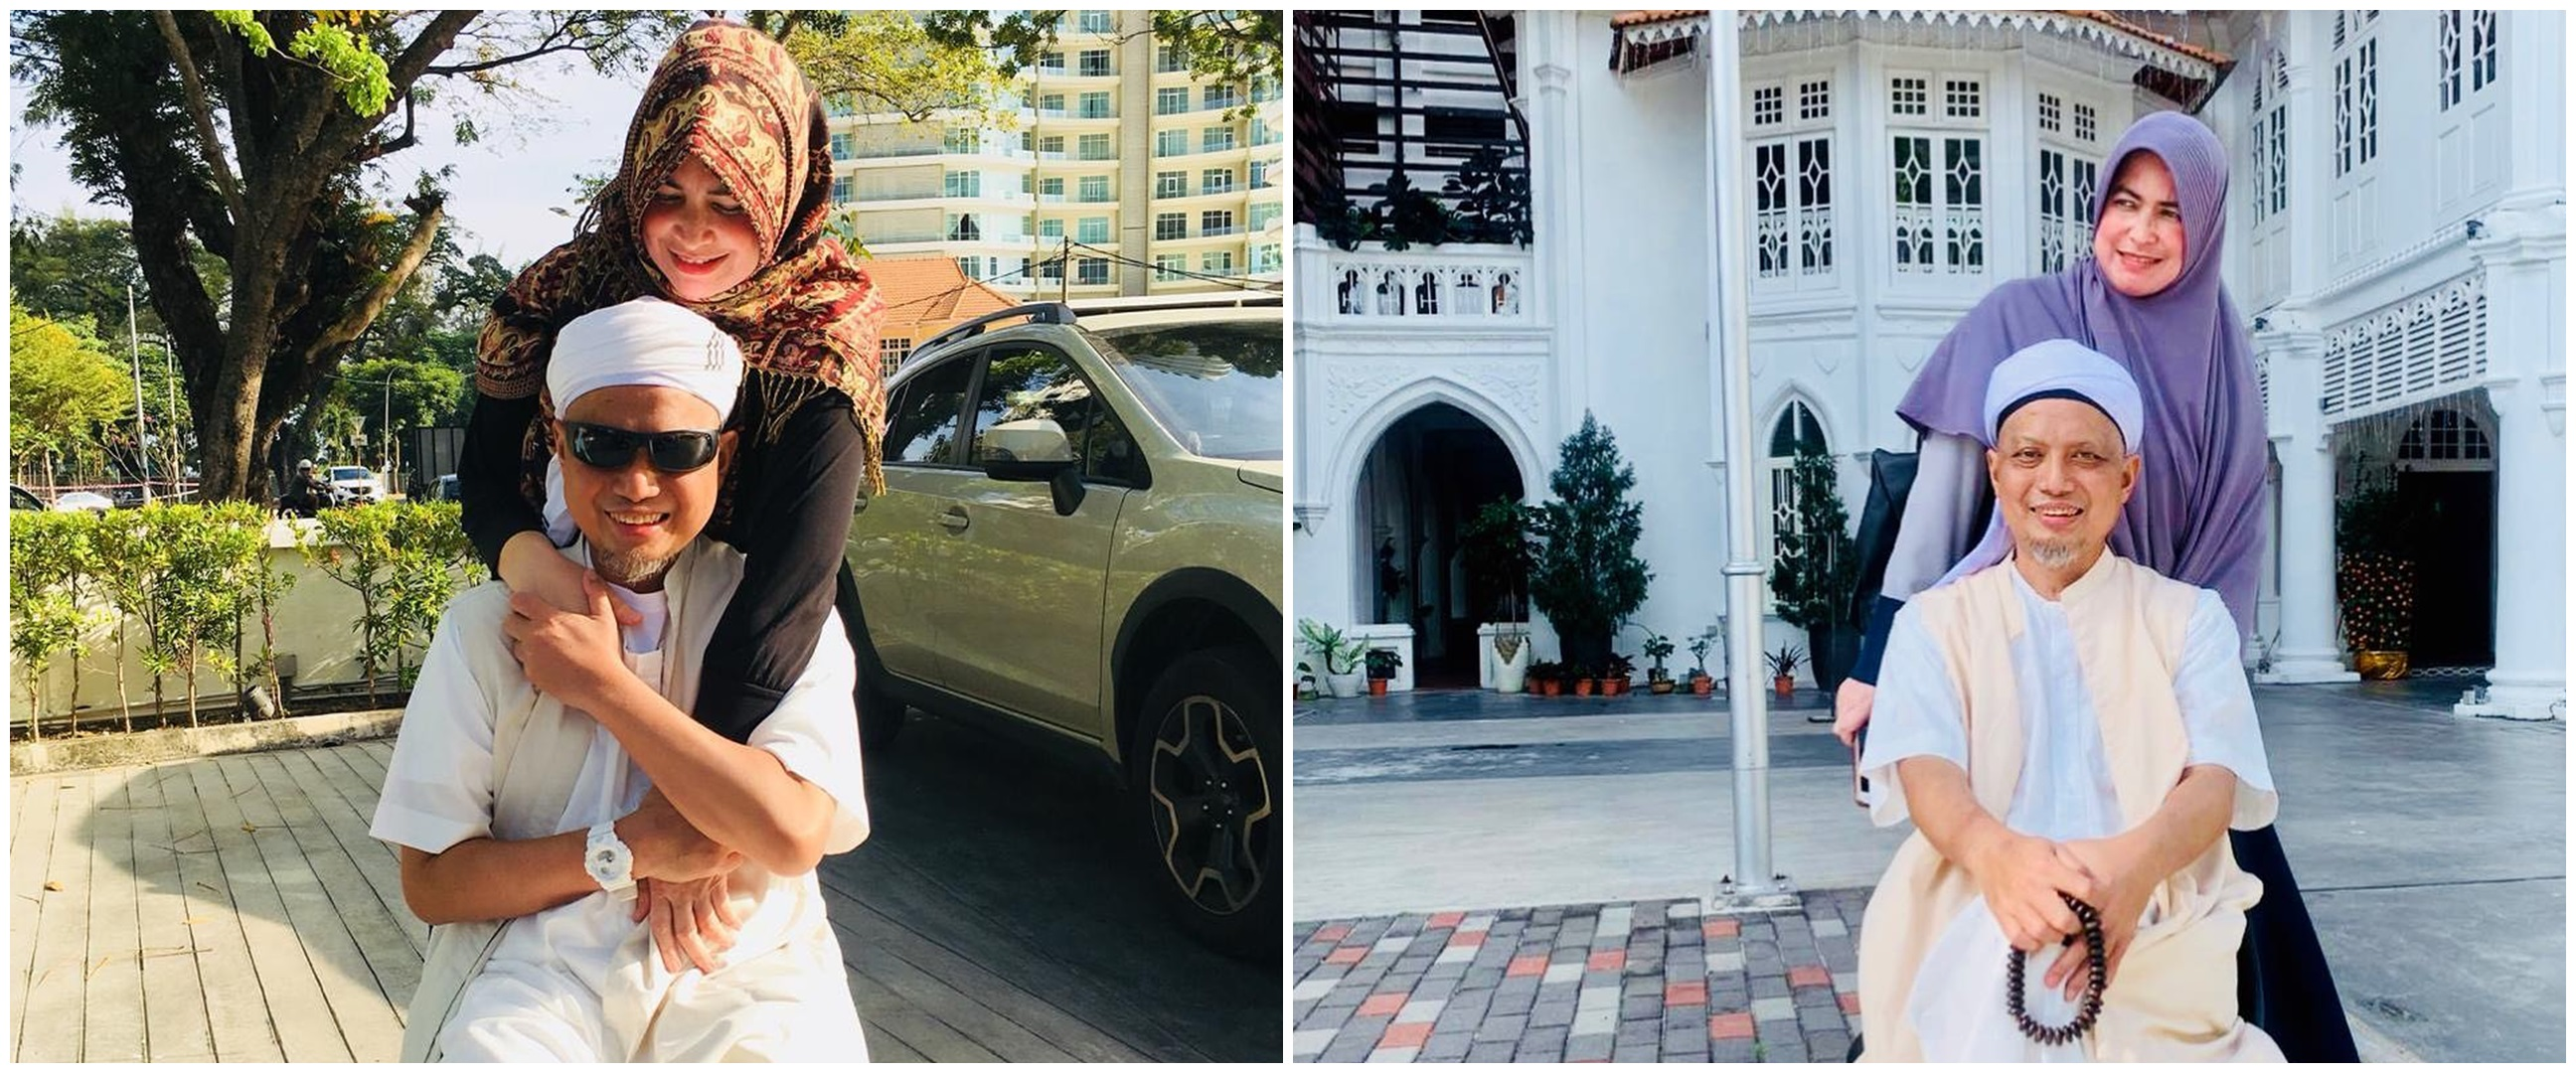 Setahun Ustaz Arifin Ilham meninggal, ini ungkapan haru sang istri